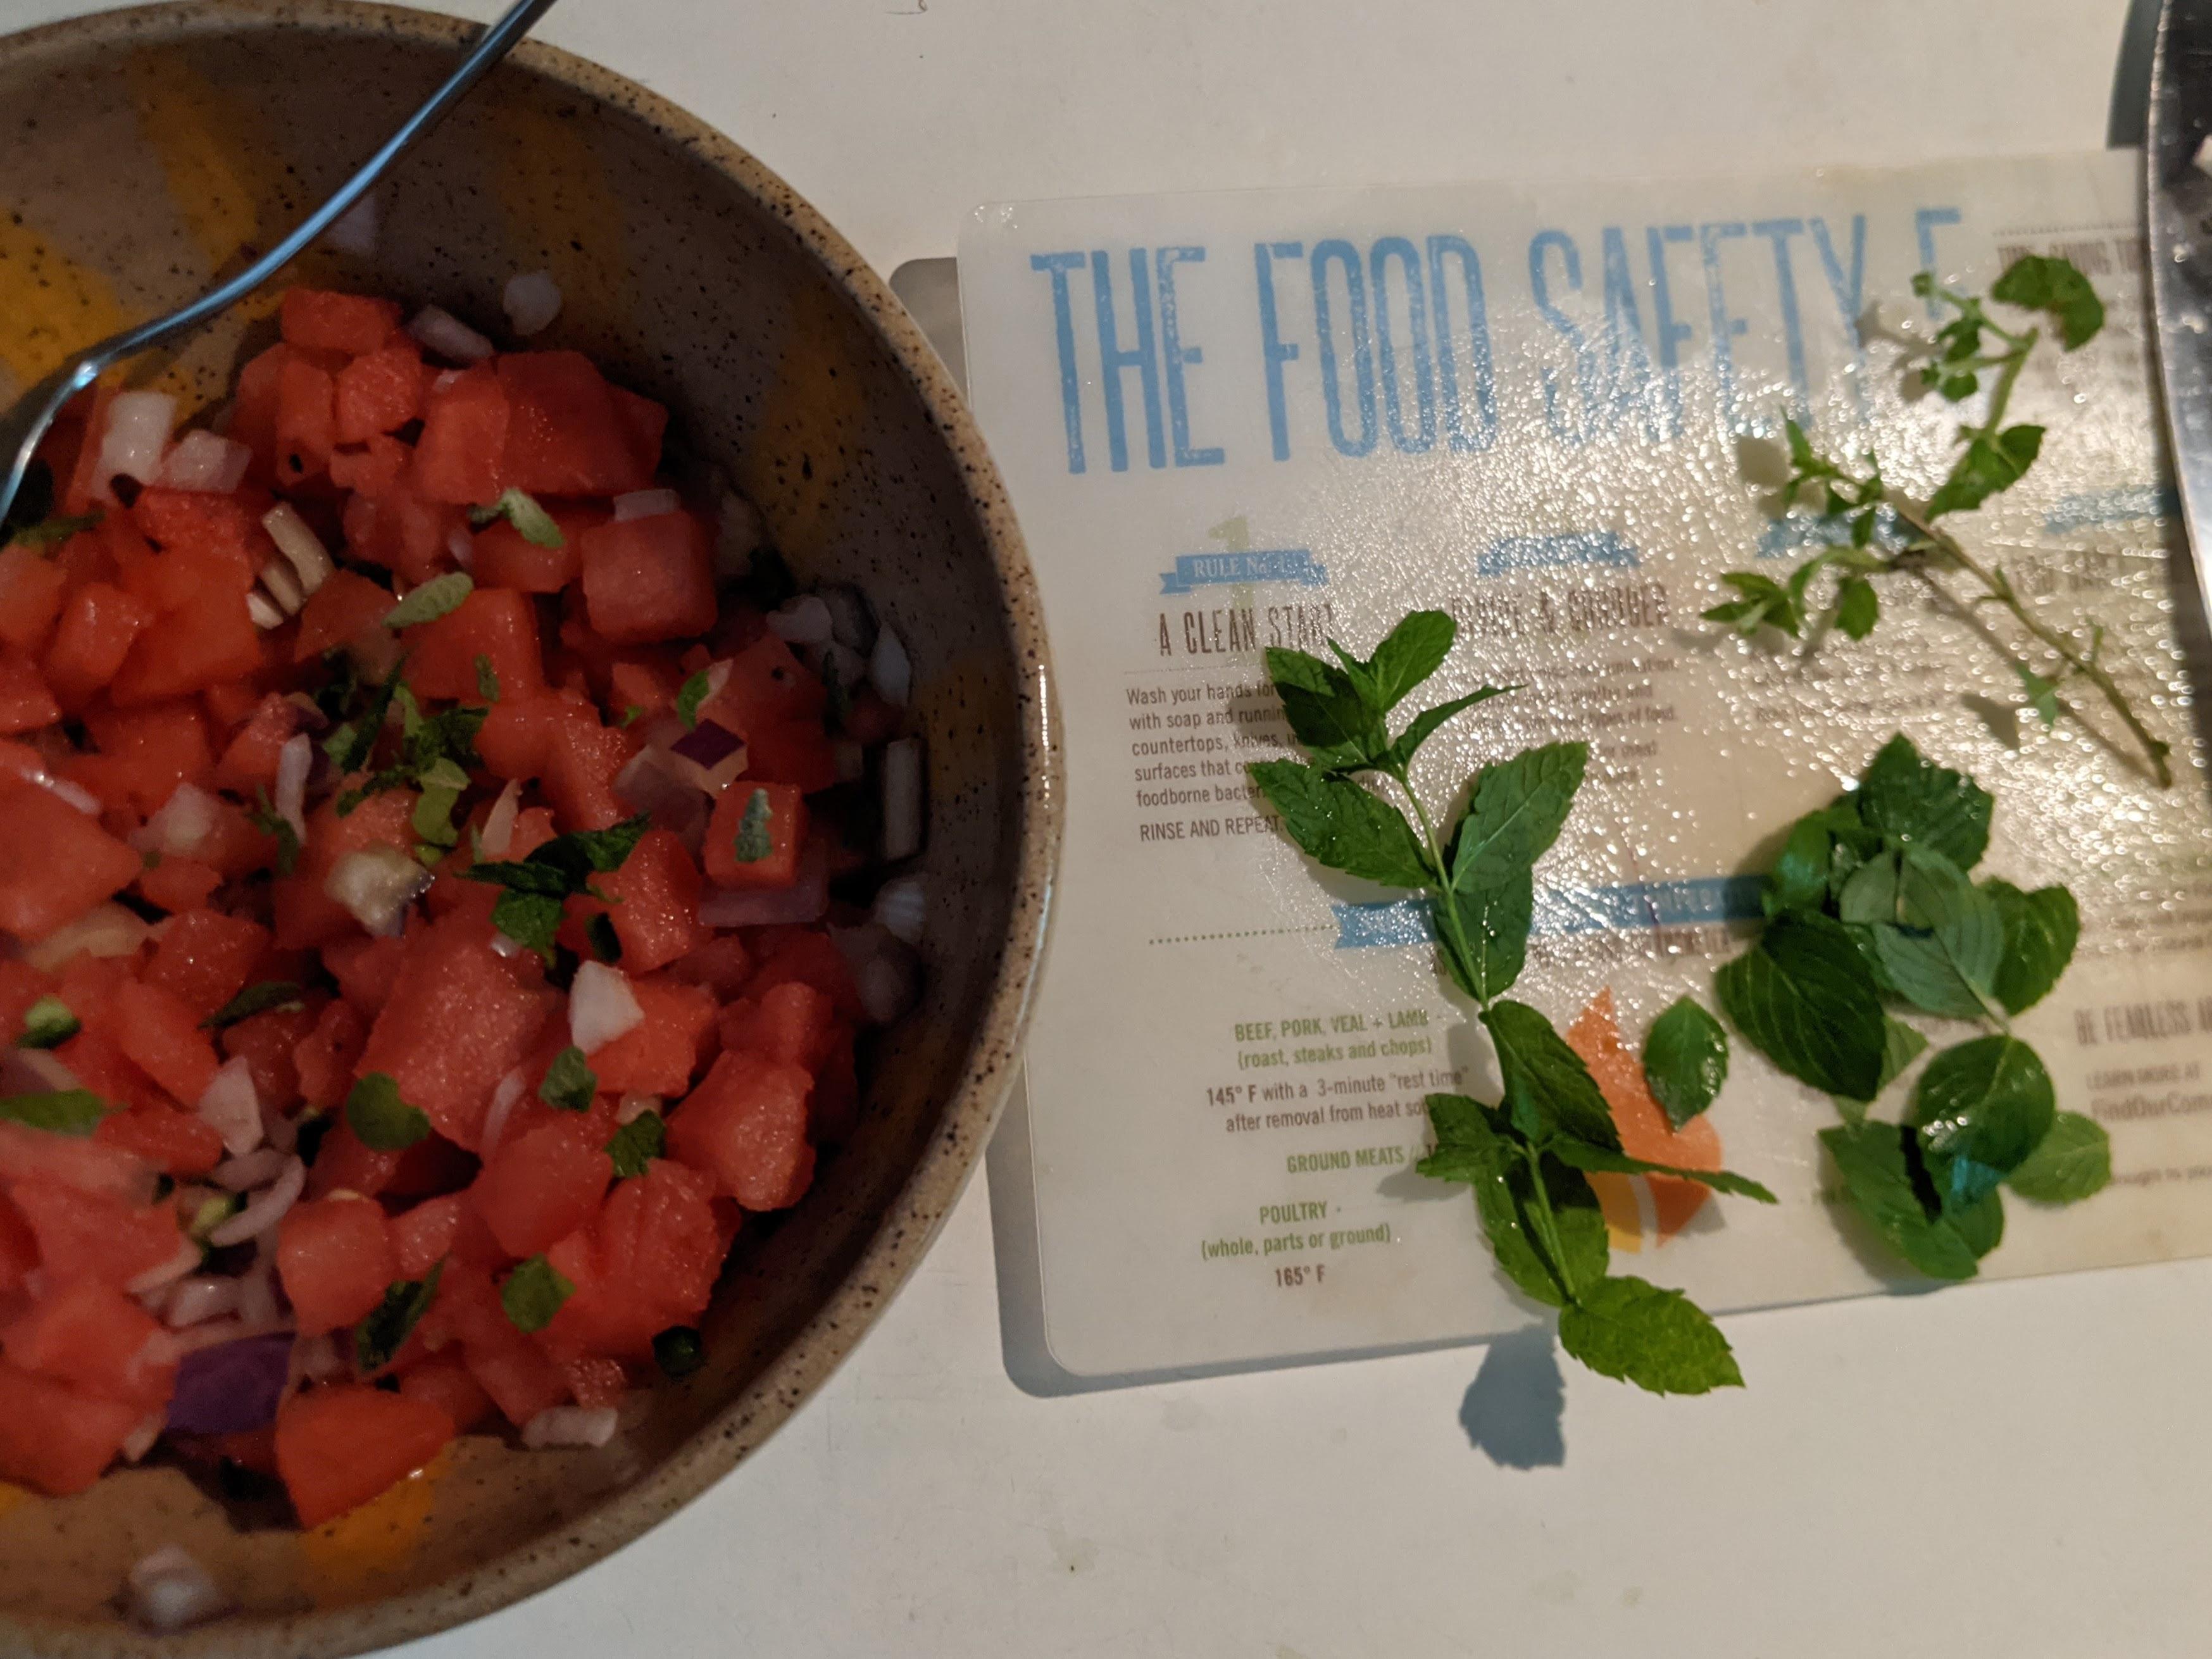 Watermelon Salsa prepared by EMFV Jane Kulesza